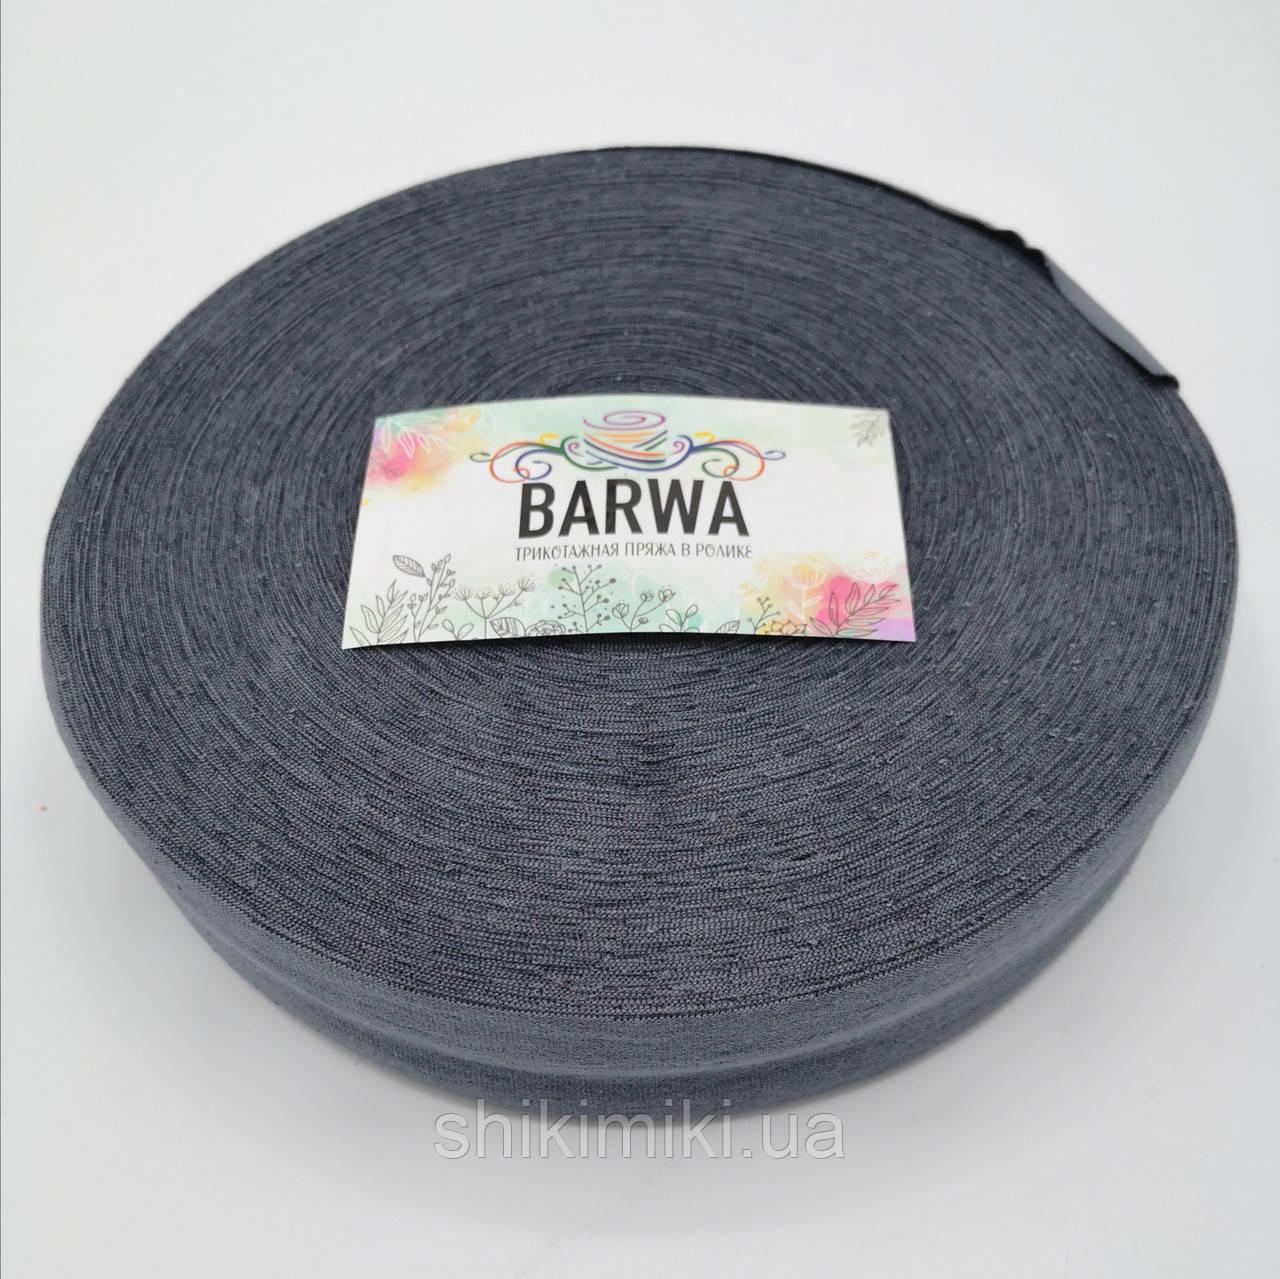 Трикотажная пряжа Barwa в роликах, цвет Стоун